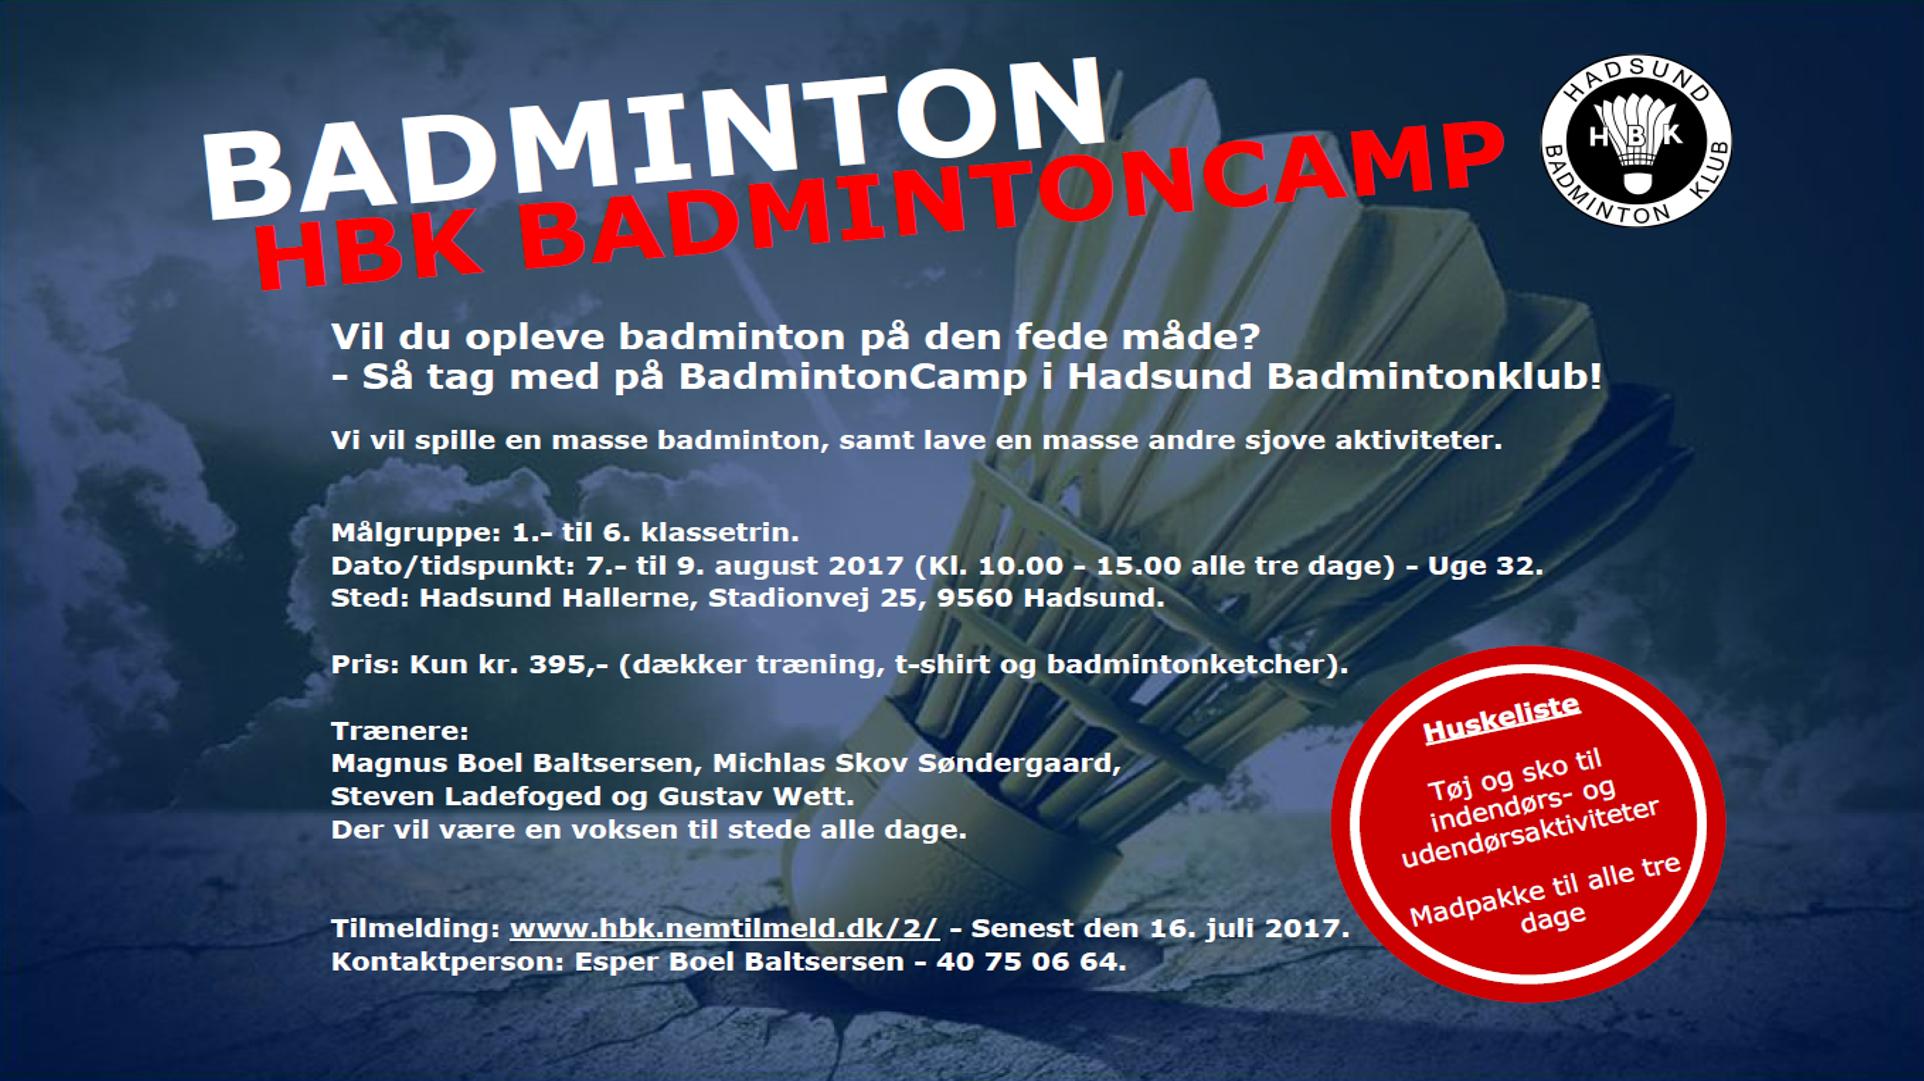 HBK BadmintonCamp 2017